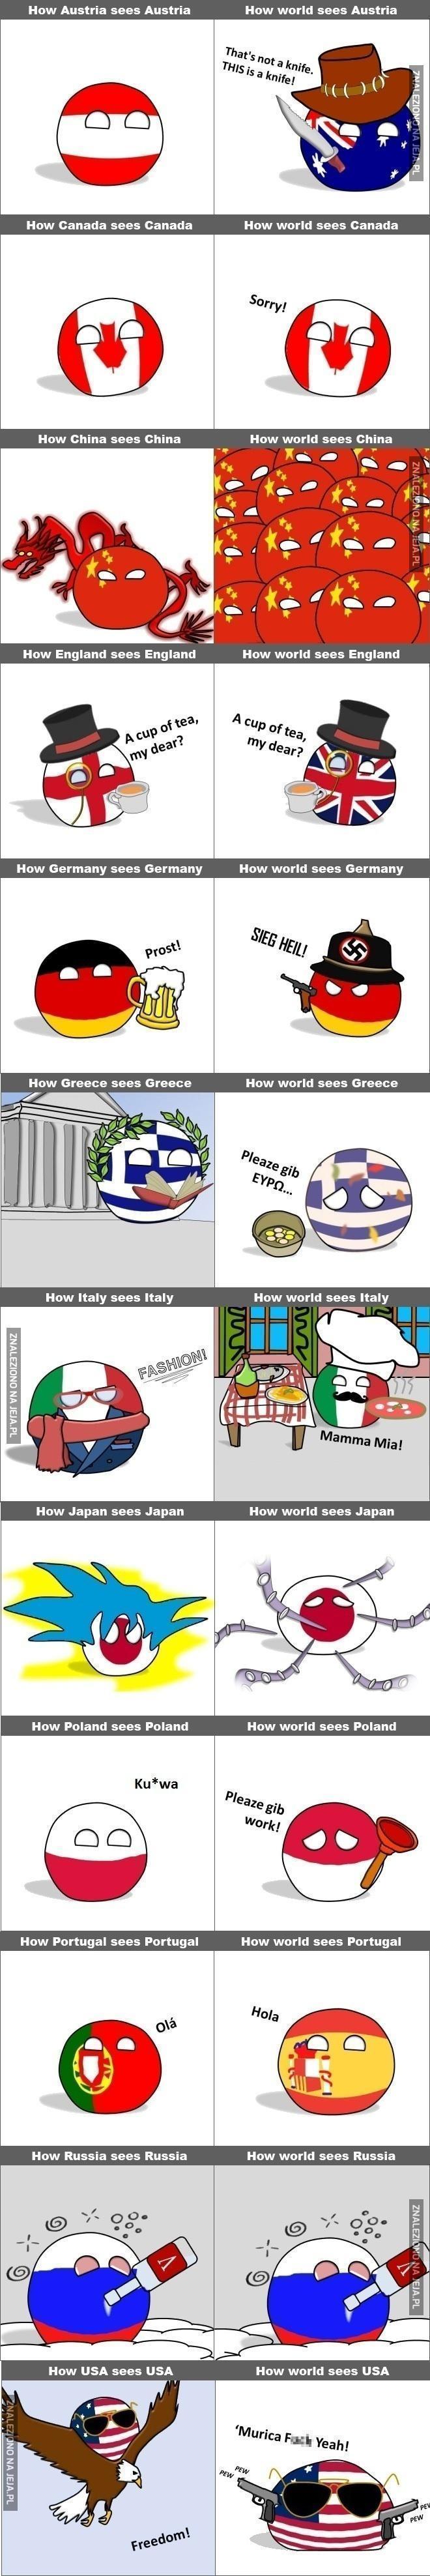 Jak kraje widzą siebie vs jak widzą je inni